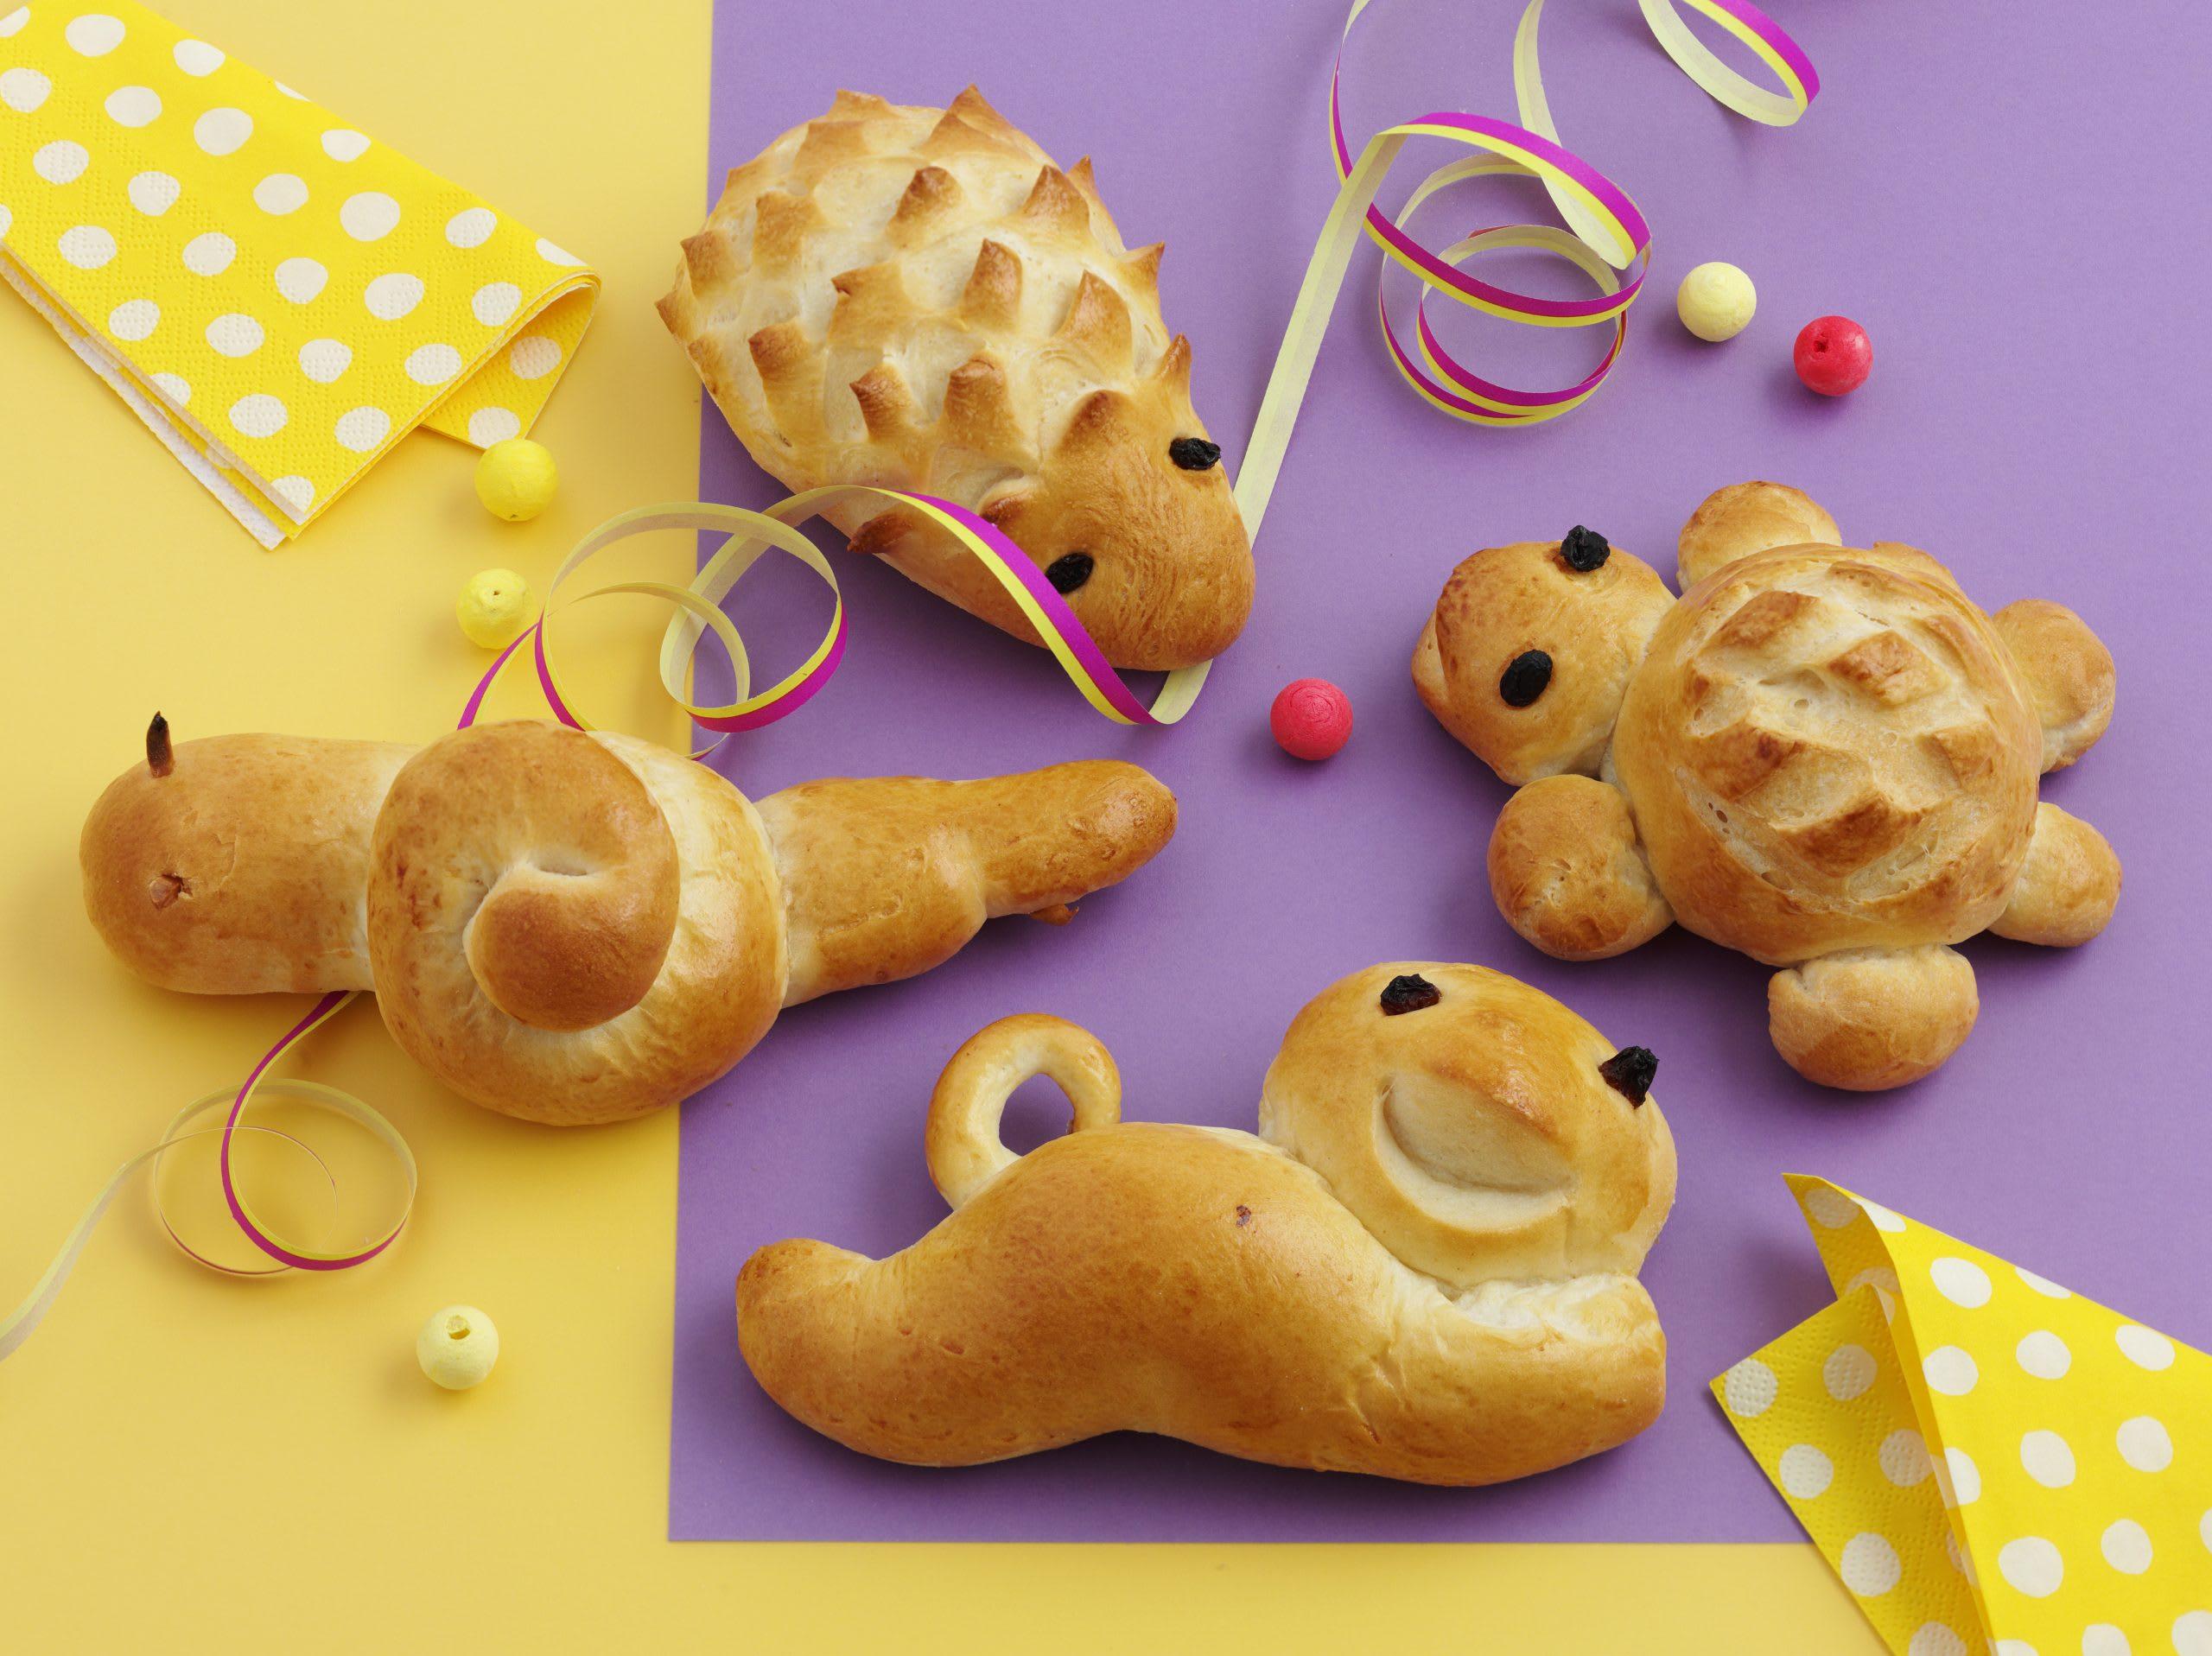 Animaux en pâte à tresse: Hérisson, chat, tortue, escargot